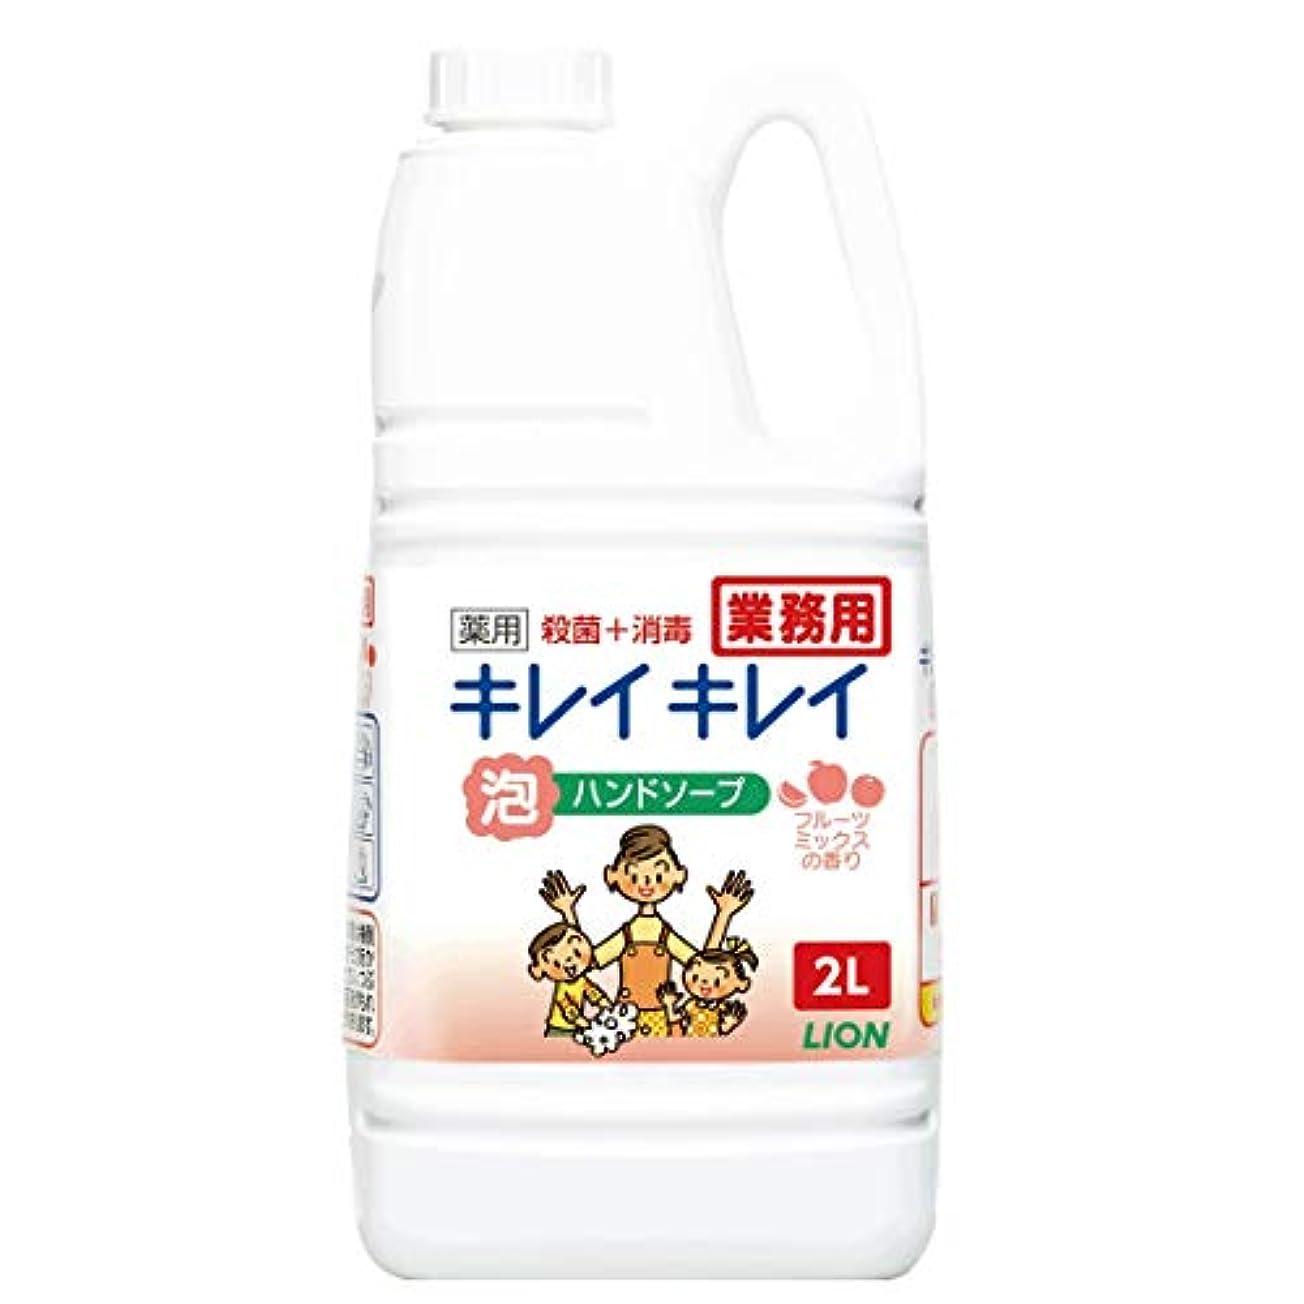 メリー白菜ラショナル【大容量】キレイキレイ 薬用泡ハンドソープ フルーツミックスの香り 2L